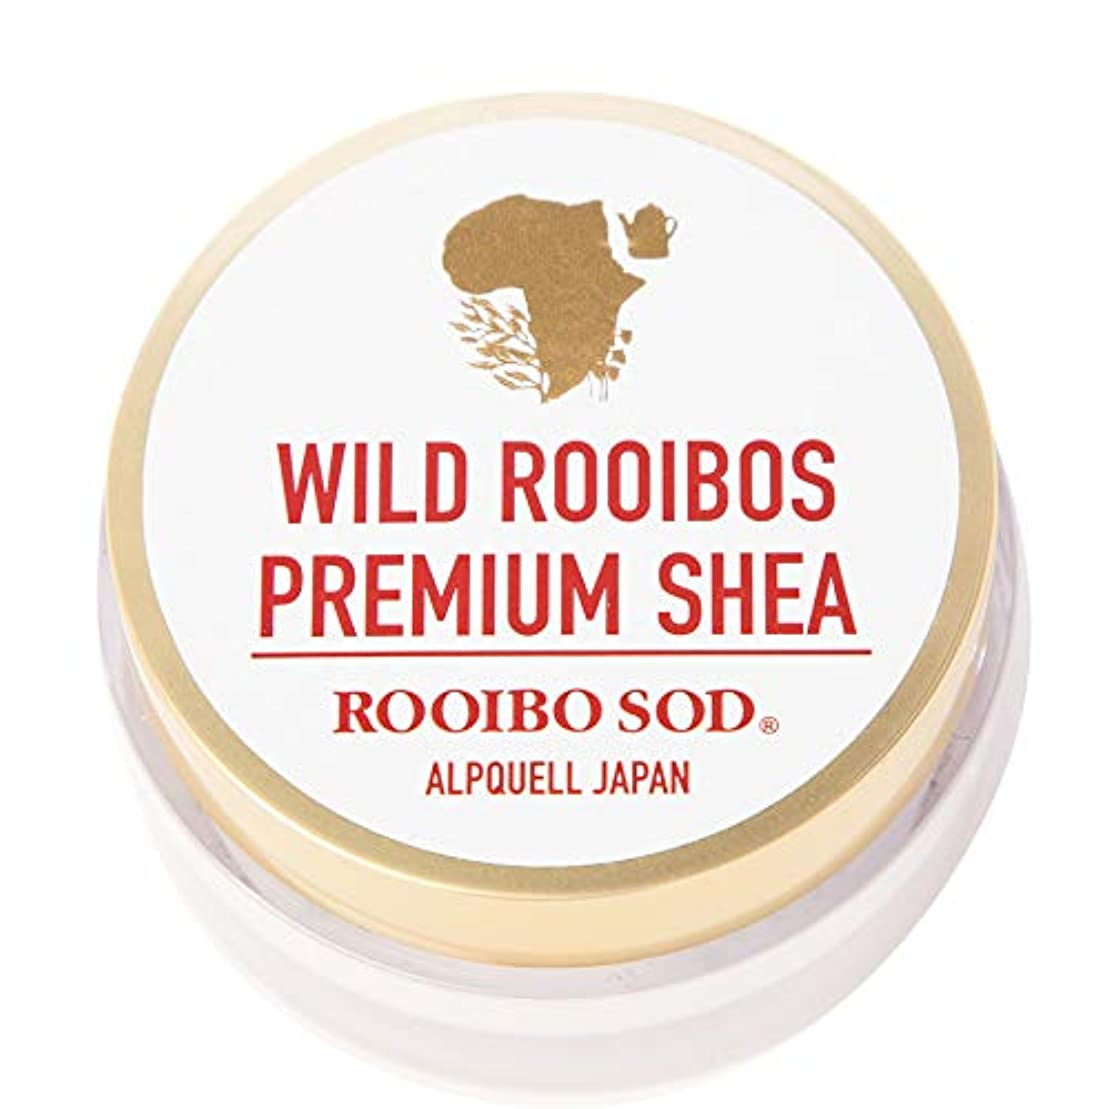 ビン八百屋爆発するROOIBO SOD ルイボソード プレミアムシアクリーム シア脂 ルイボスエキス配合 無添加、天然成分100%